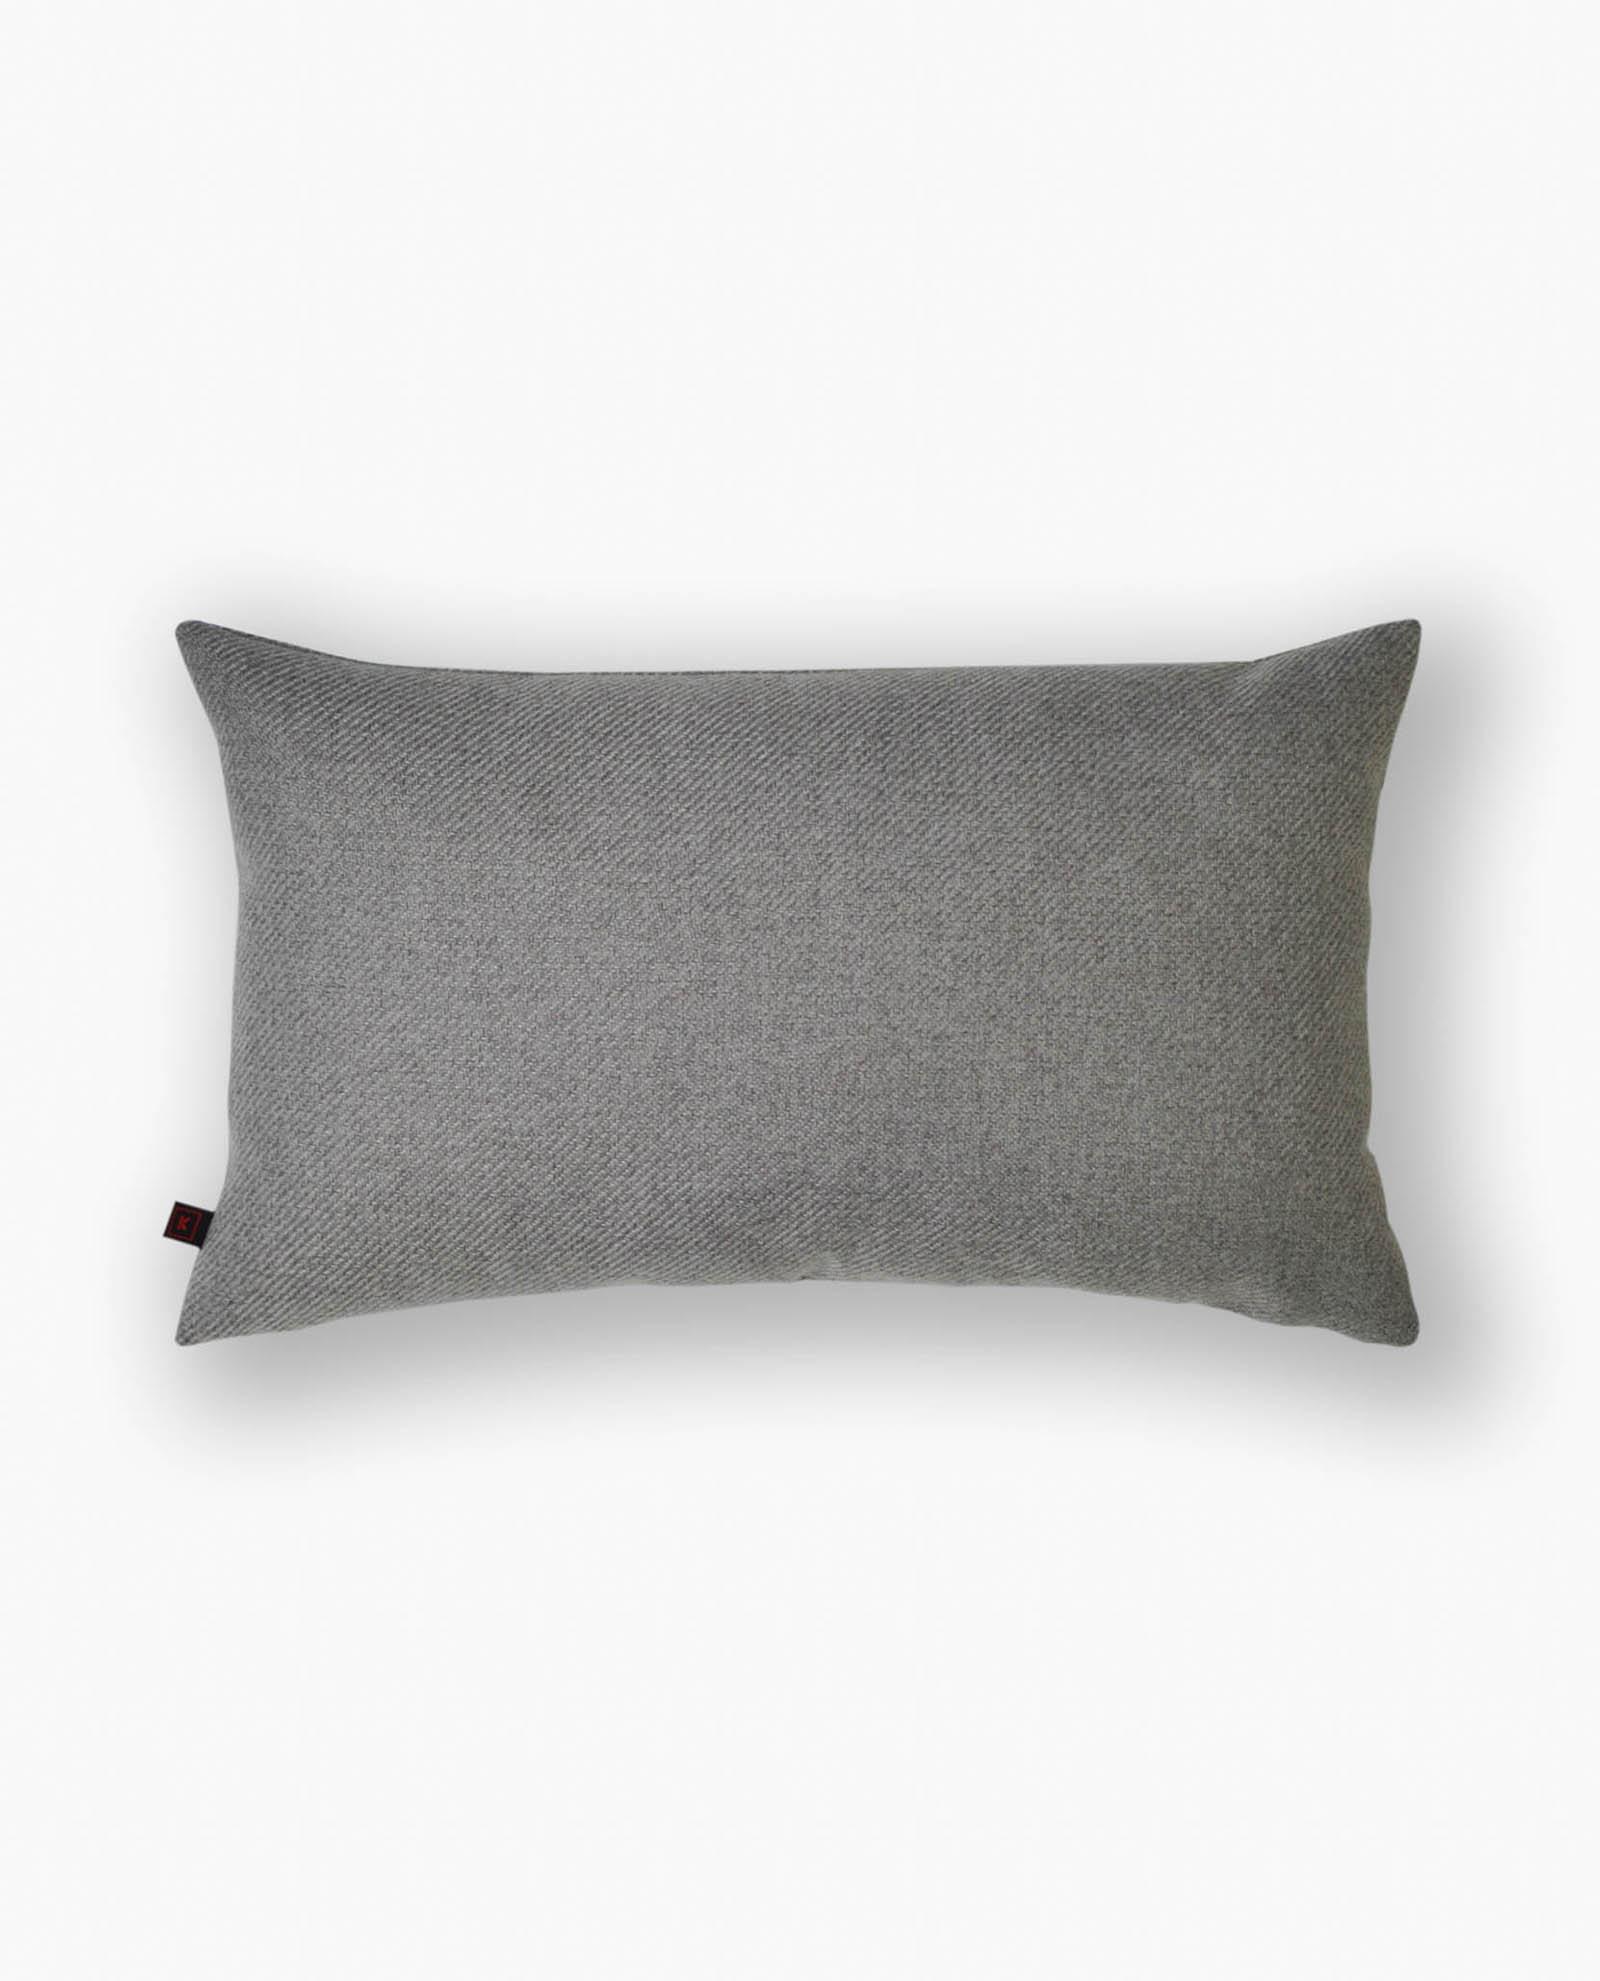 almofada cinza